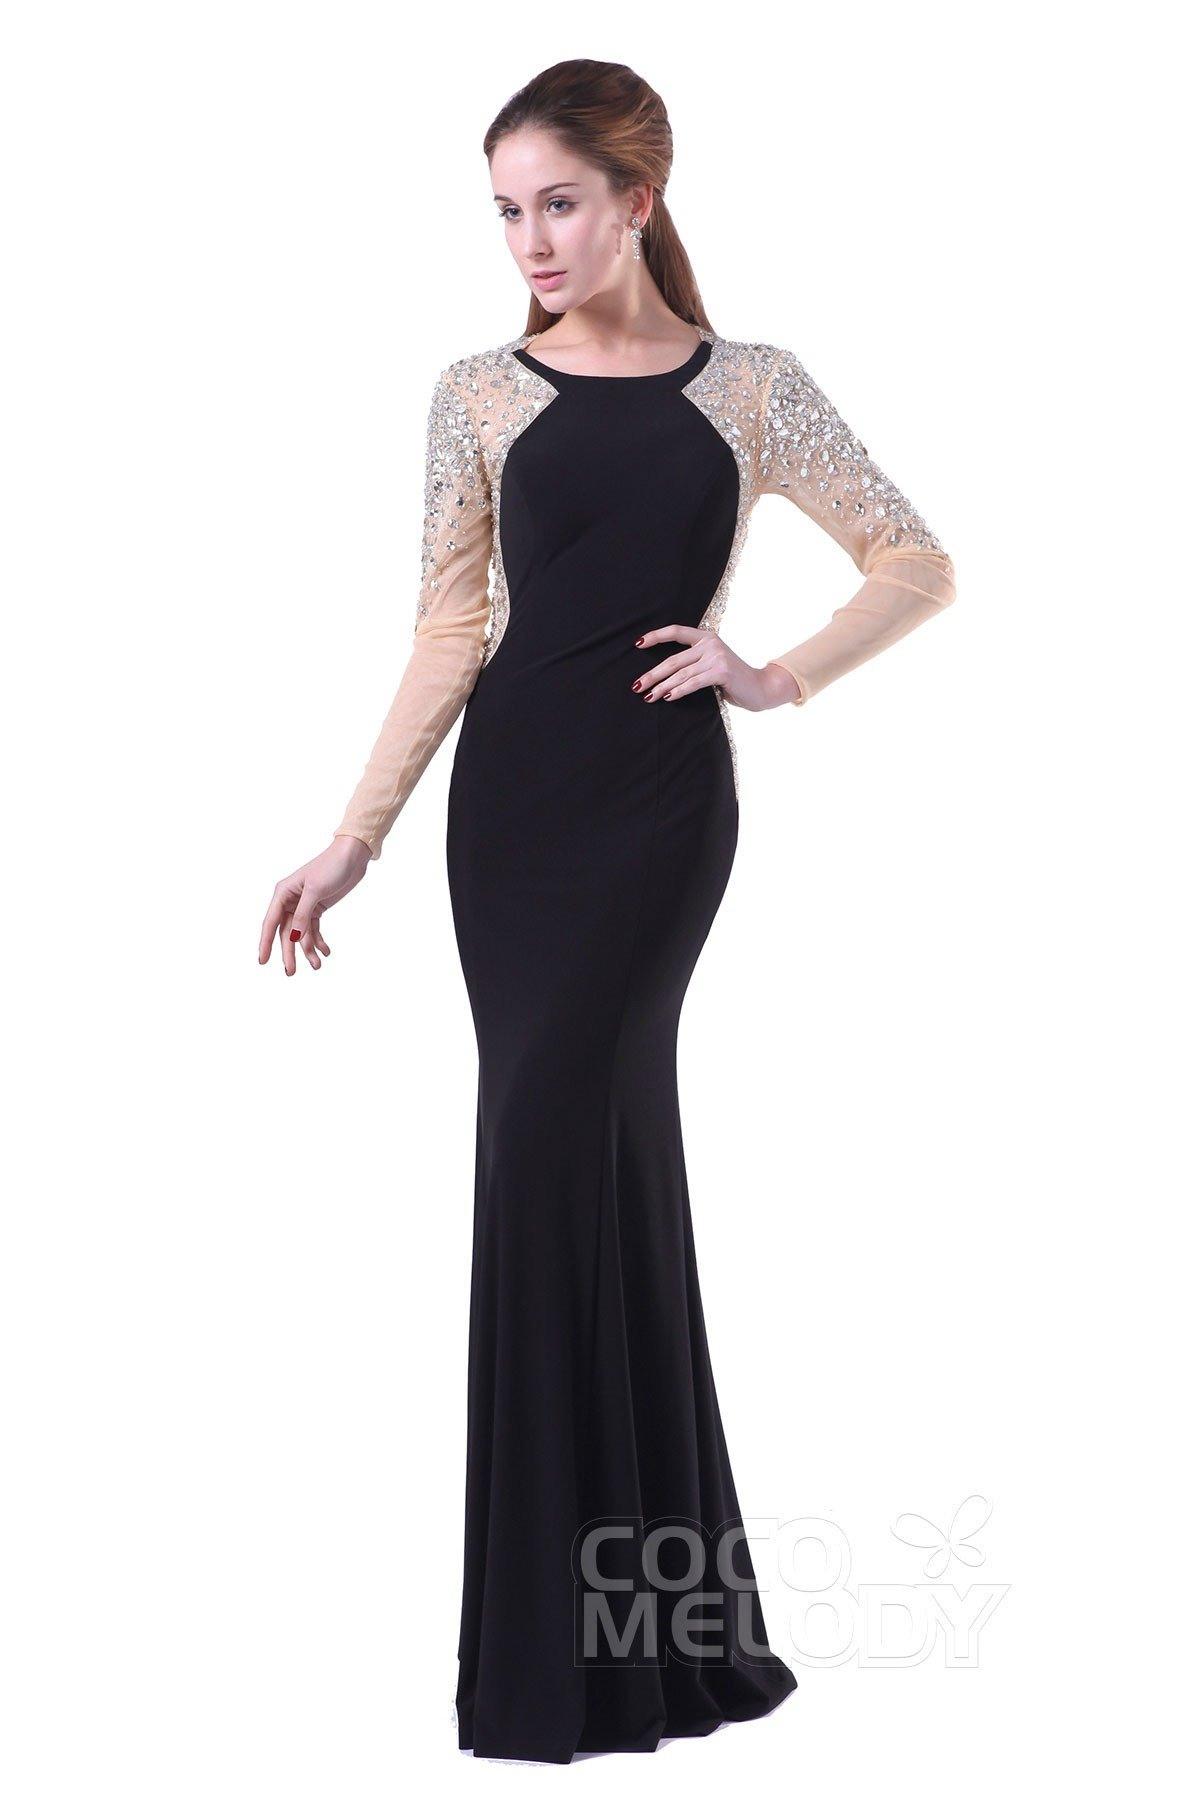 15 Leicht Langes Schickes Kleid VertriebDesigner Genial Langes Schickes Kleid Spezialgebiet